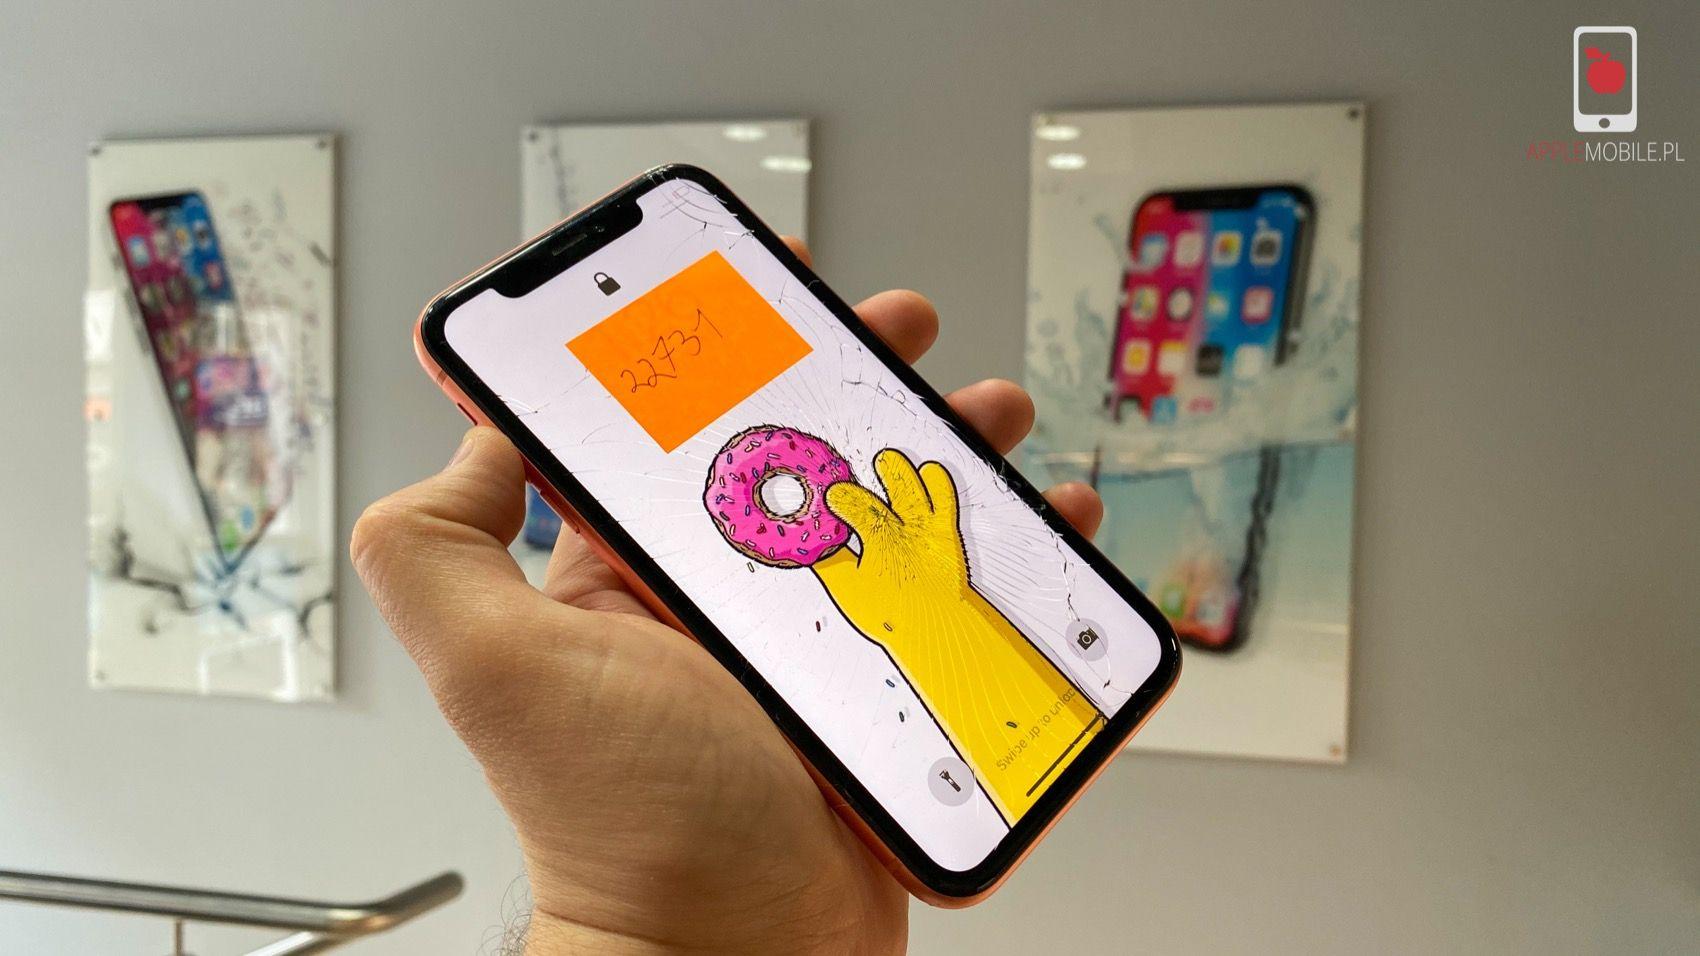 Oryginalny i zaprogramowany wyświetlacza dla iPhone Xr, który otrzymasz w serwisie APPLEMOBILE.PL gwarantuje poprawną pracę ALS oraz TrueTone.